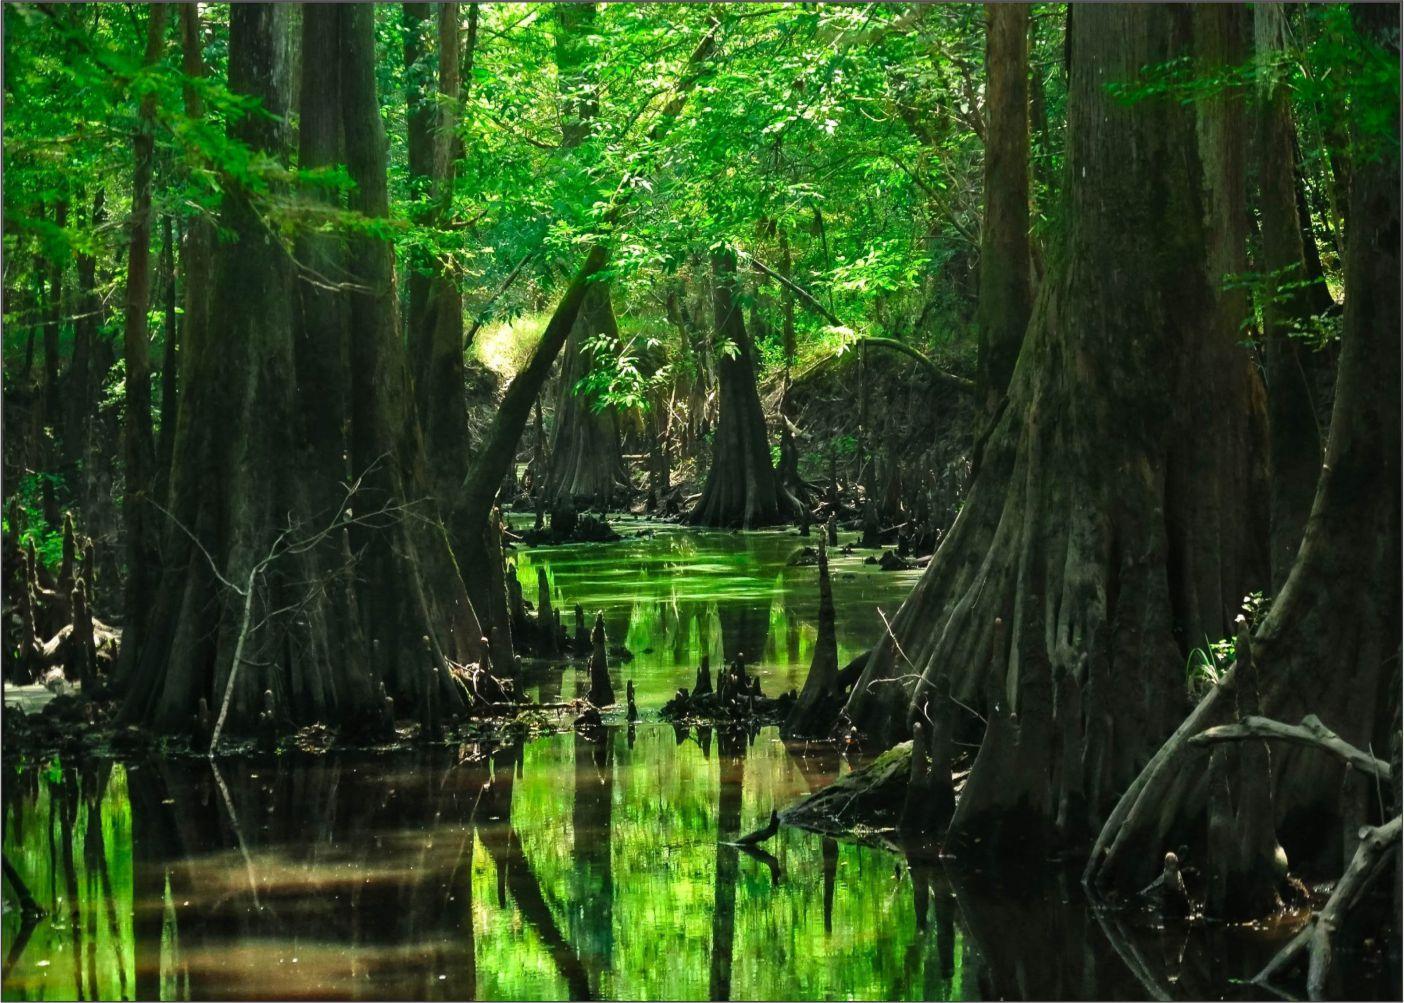 Papel de Parede Paisagens Floresta 0026 - Adesivo de Parede   - Paredes Decoradas